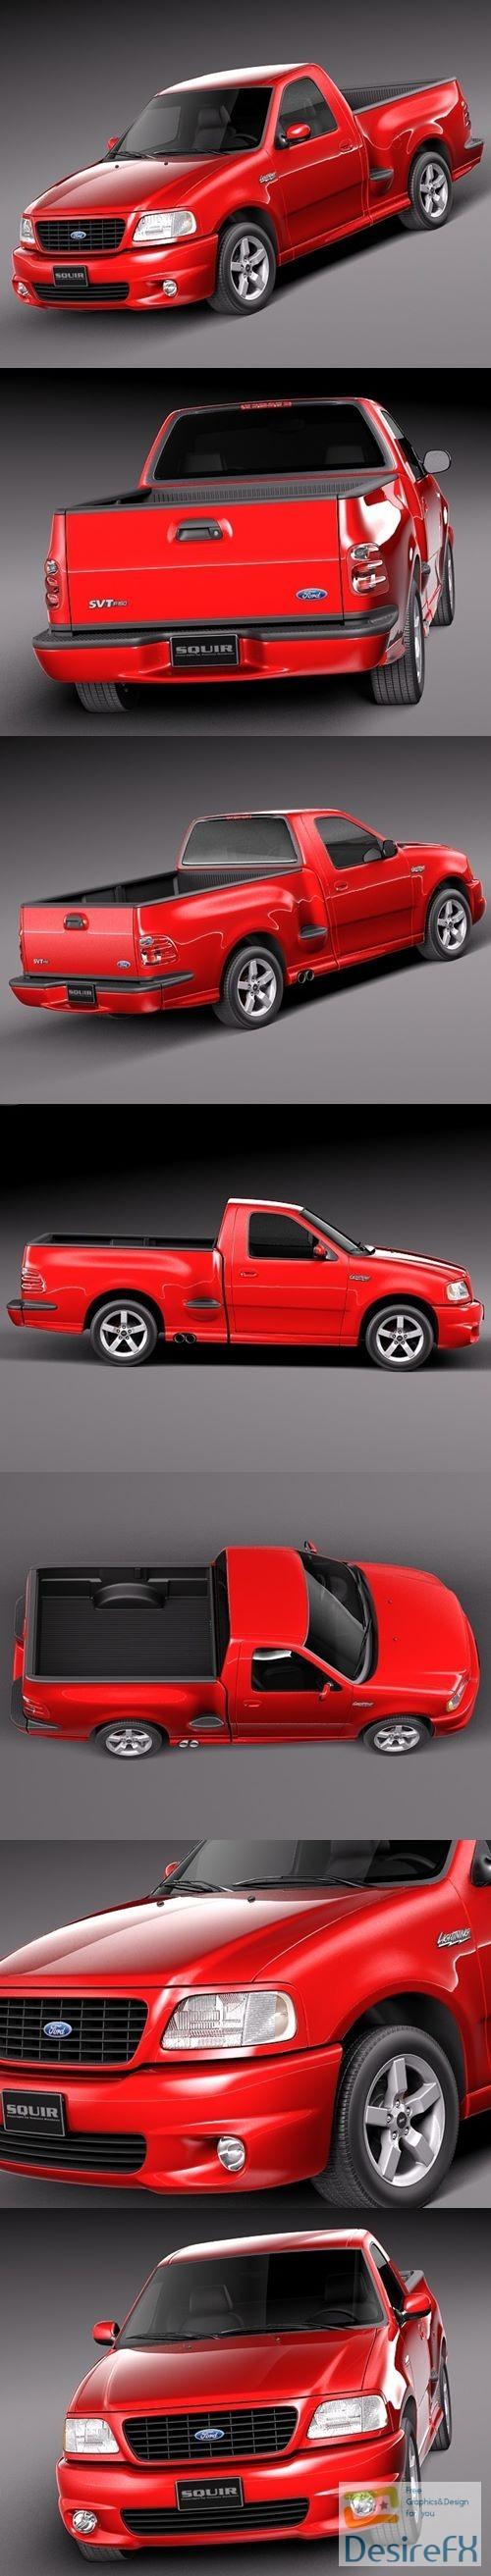 Ford F-150 Lightning 1999-2004 3D Model